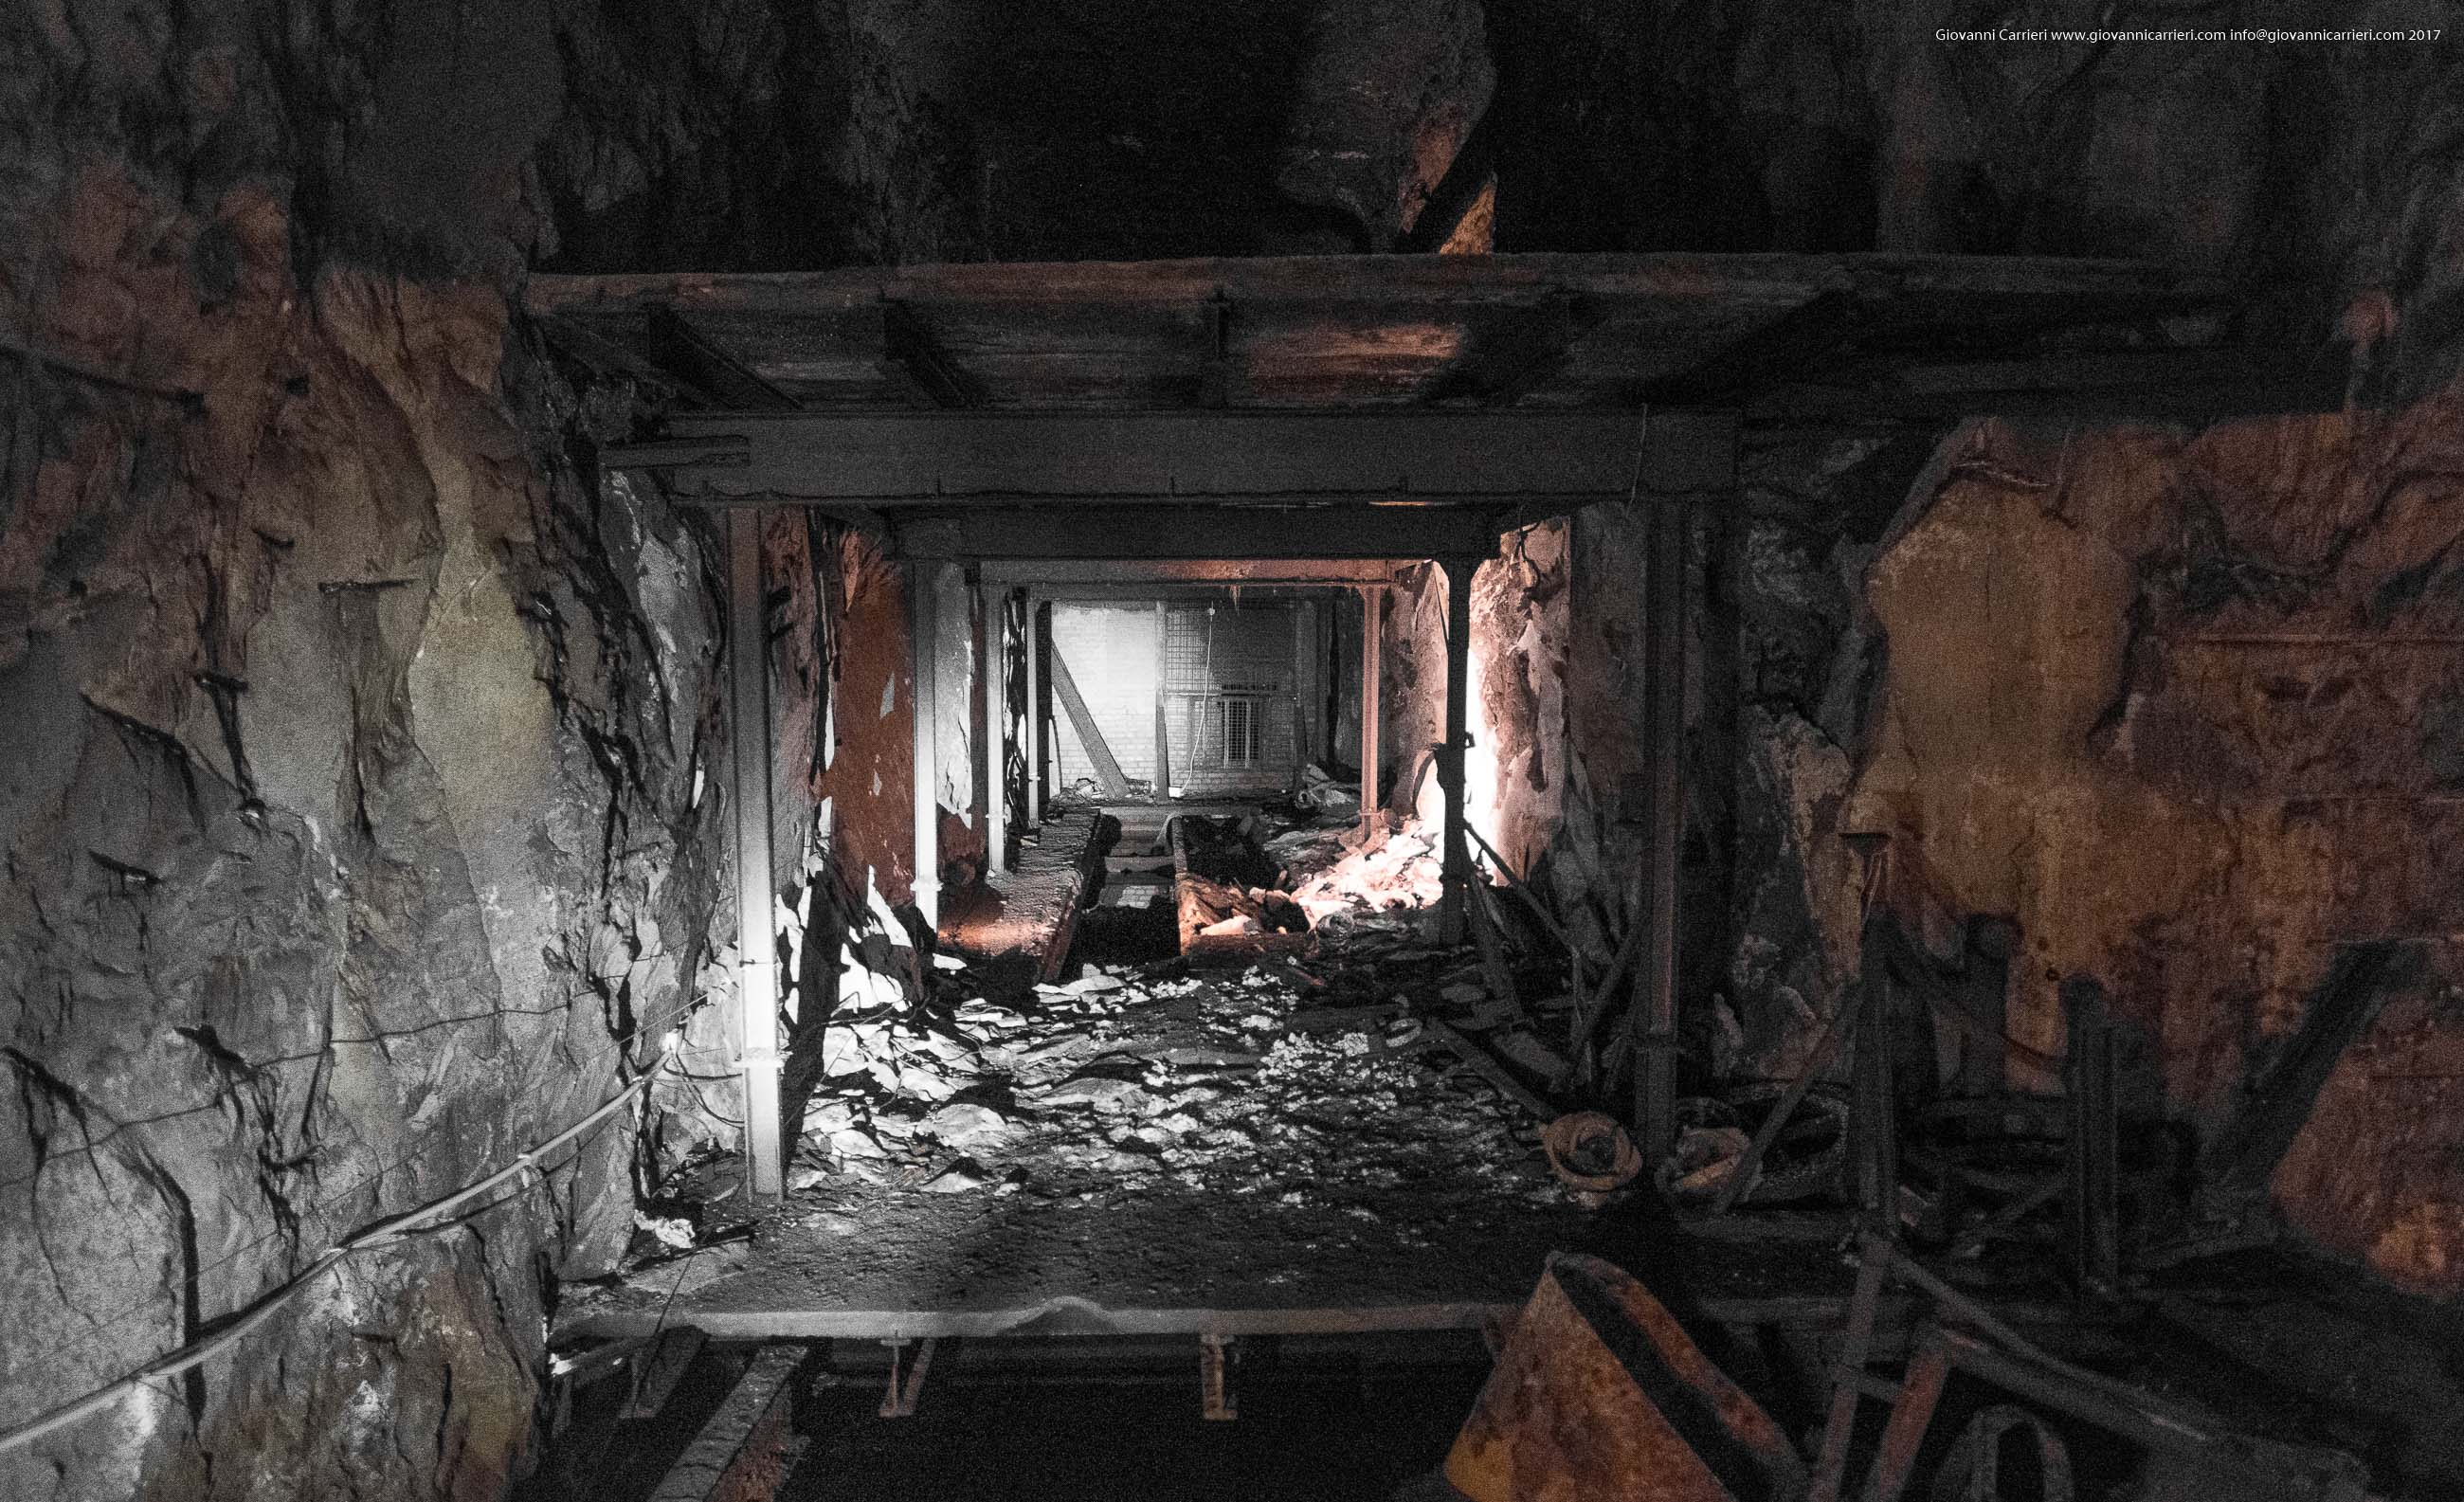 Vista interna dei ruderi della fabbrica, Mittelbau-Dora